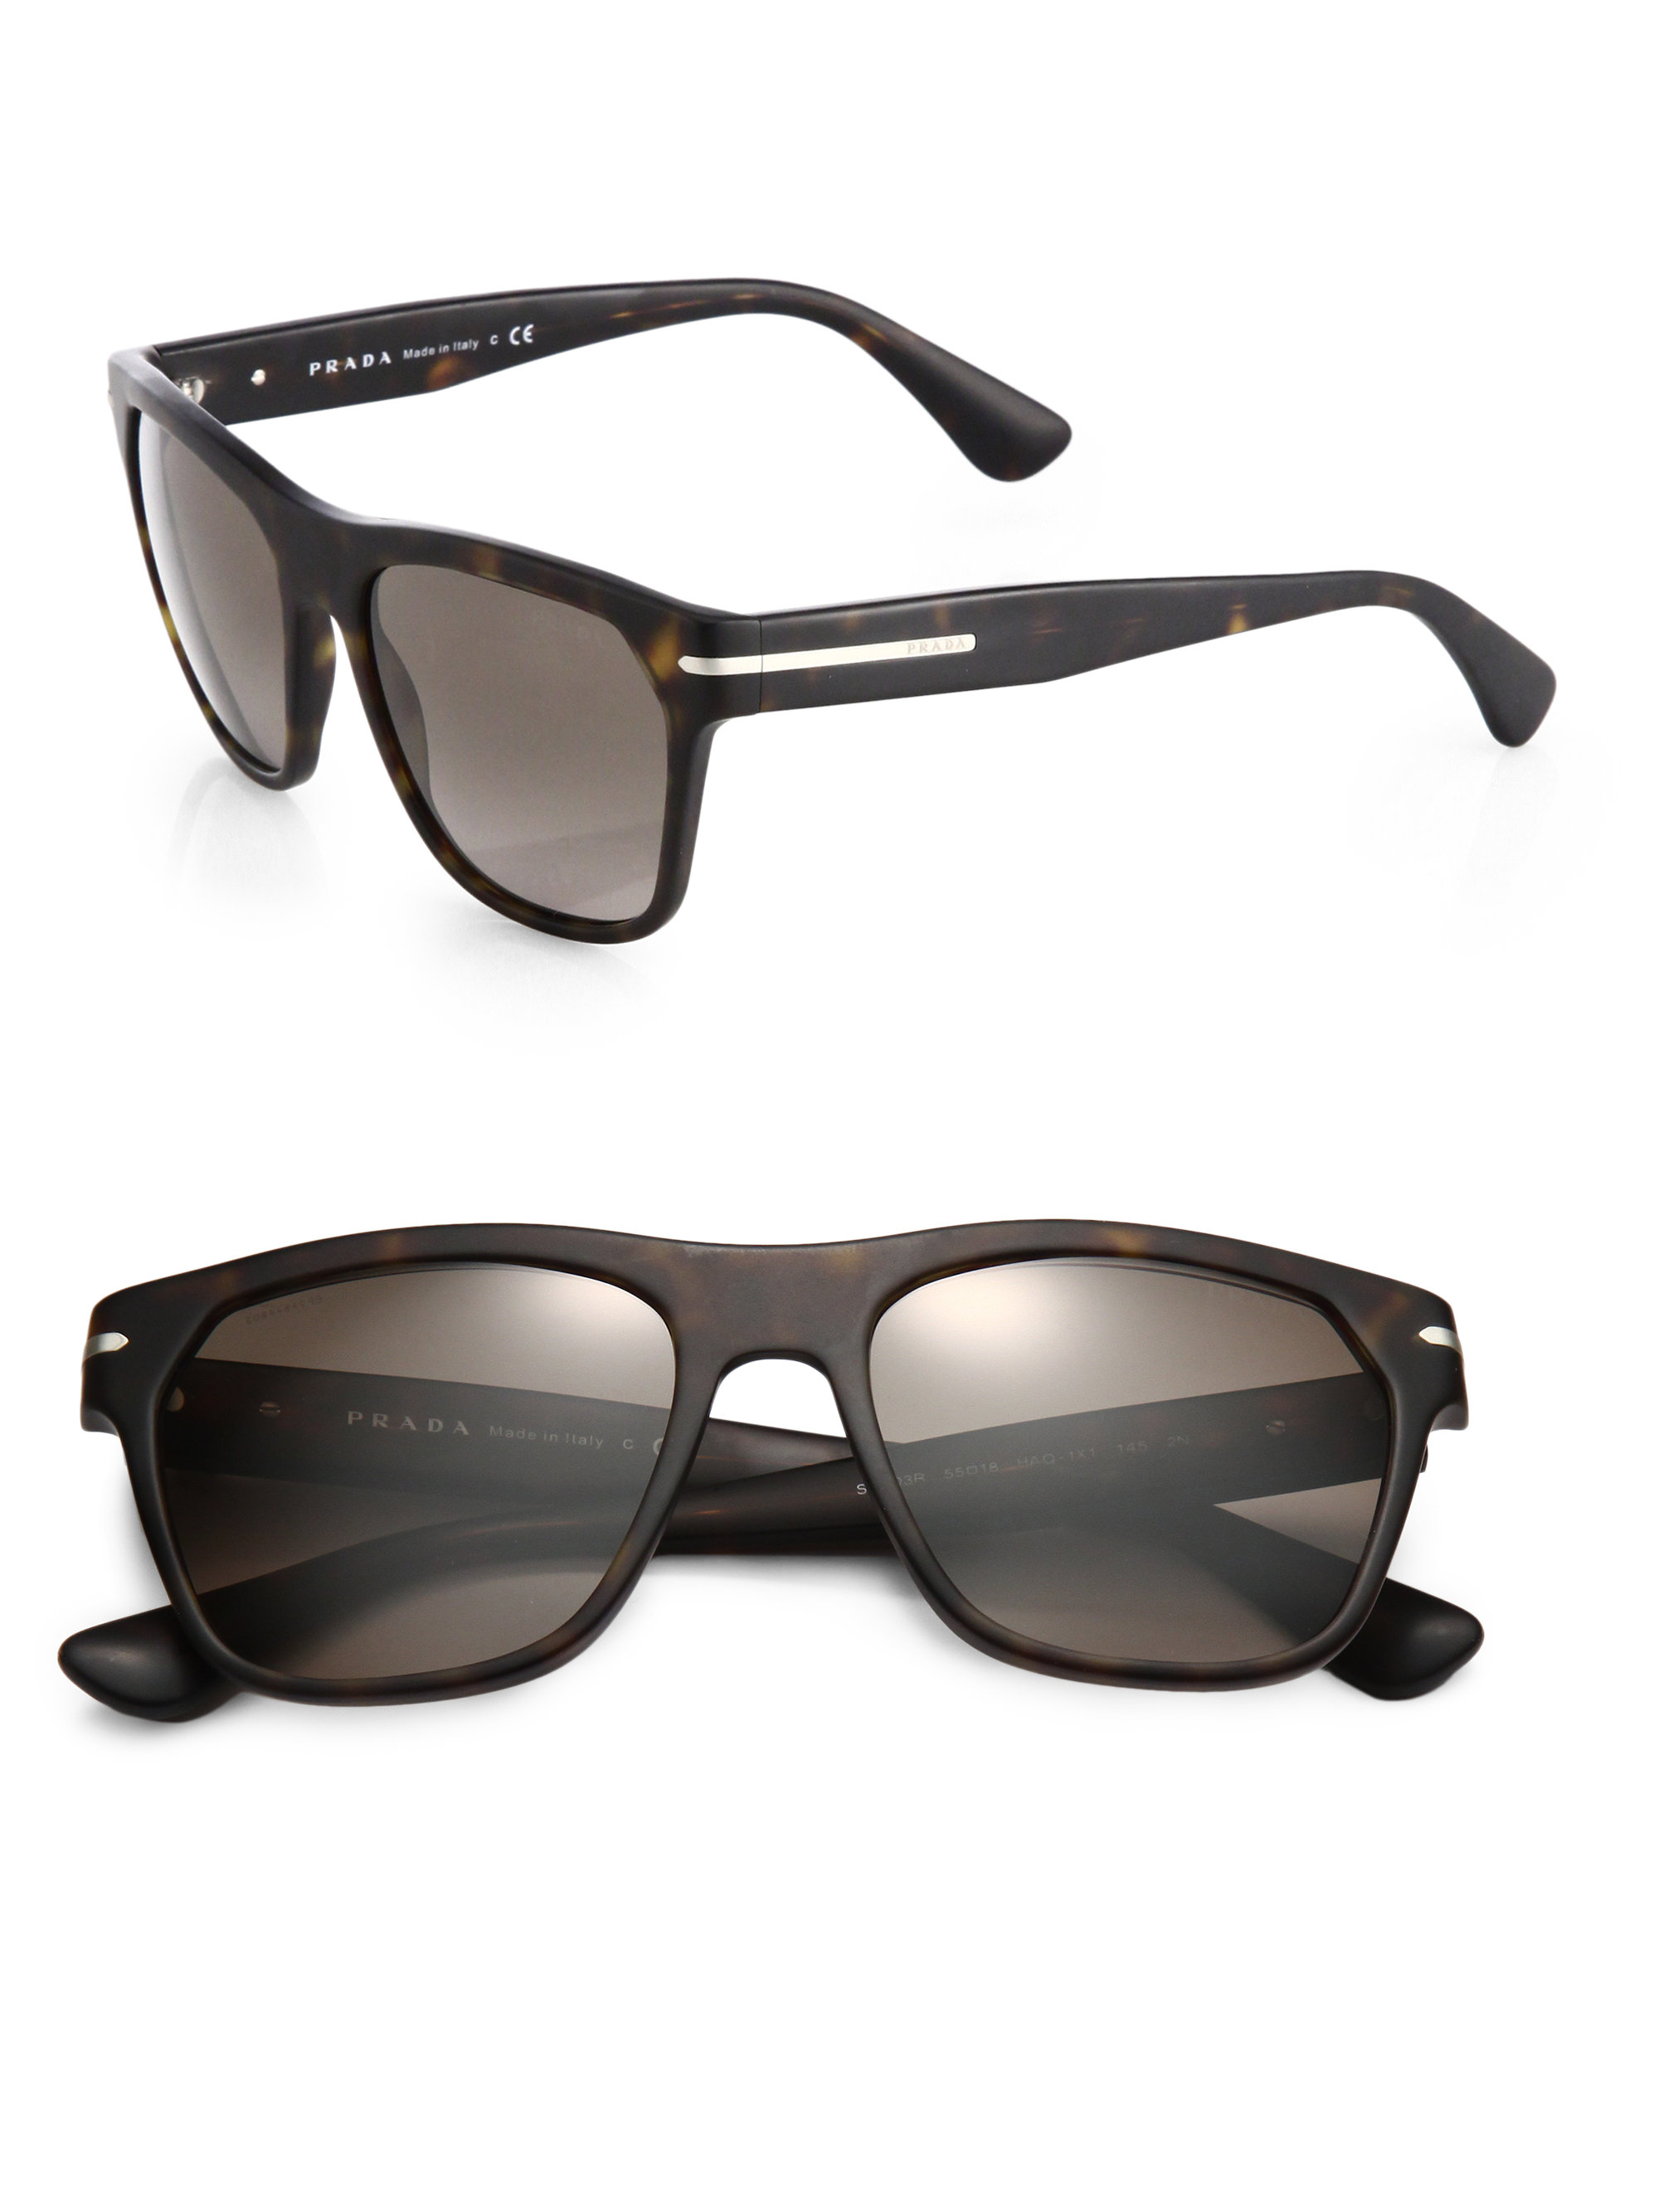 ae3e7ac36f1f ... best lyst prada 55mm acetate wayfarer sunglasses in brown 24c0f 5828c